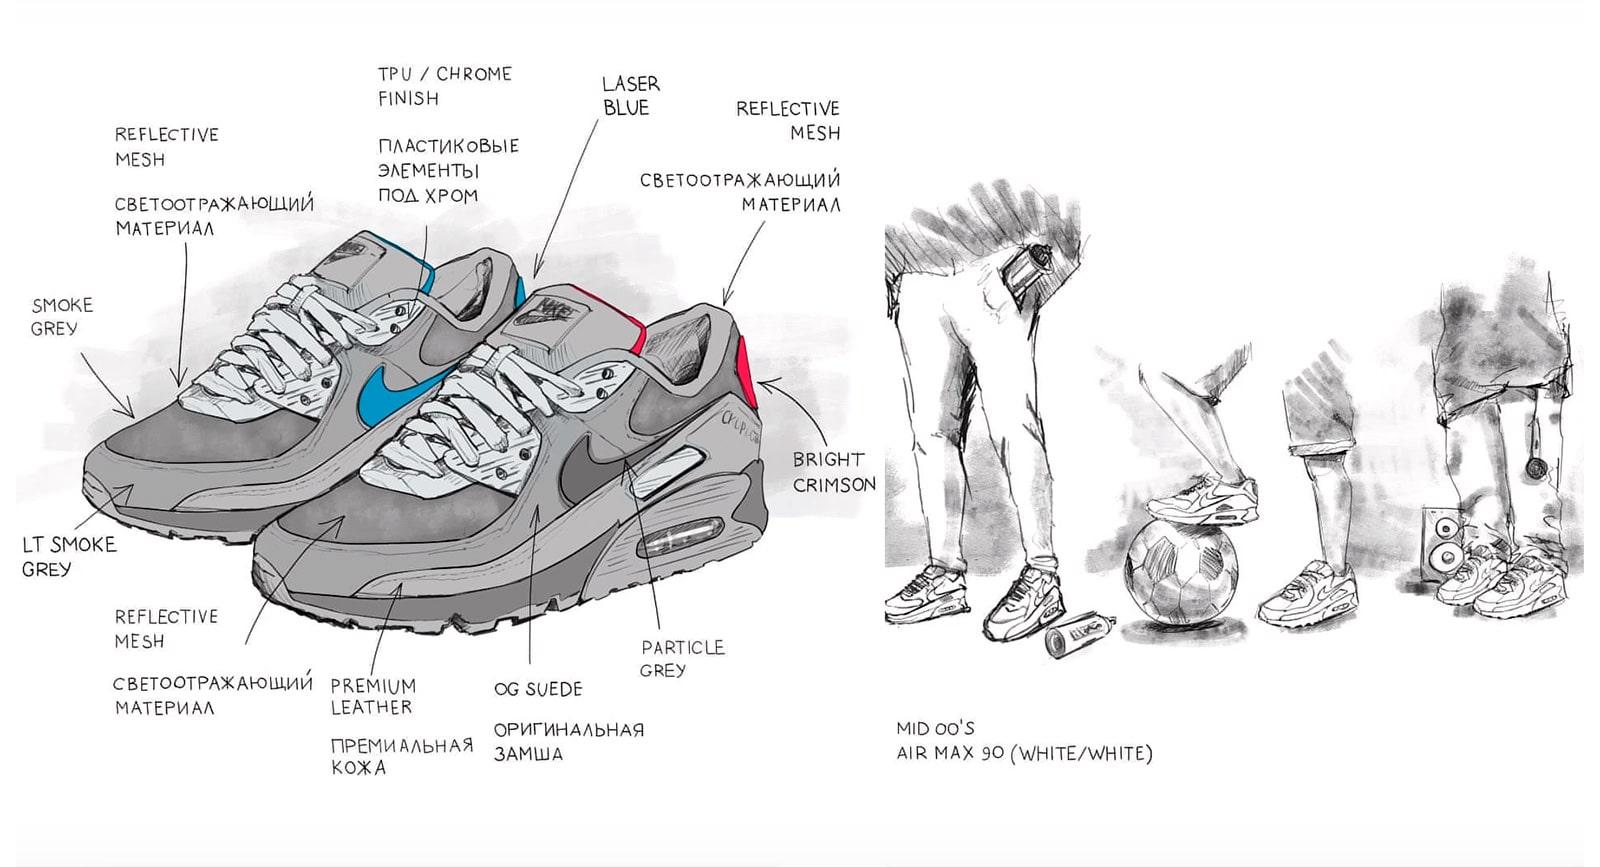 Элементы кроссовок